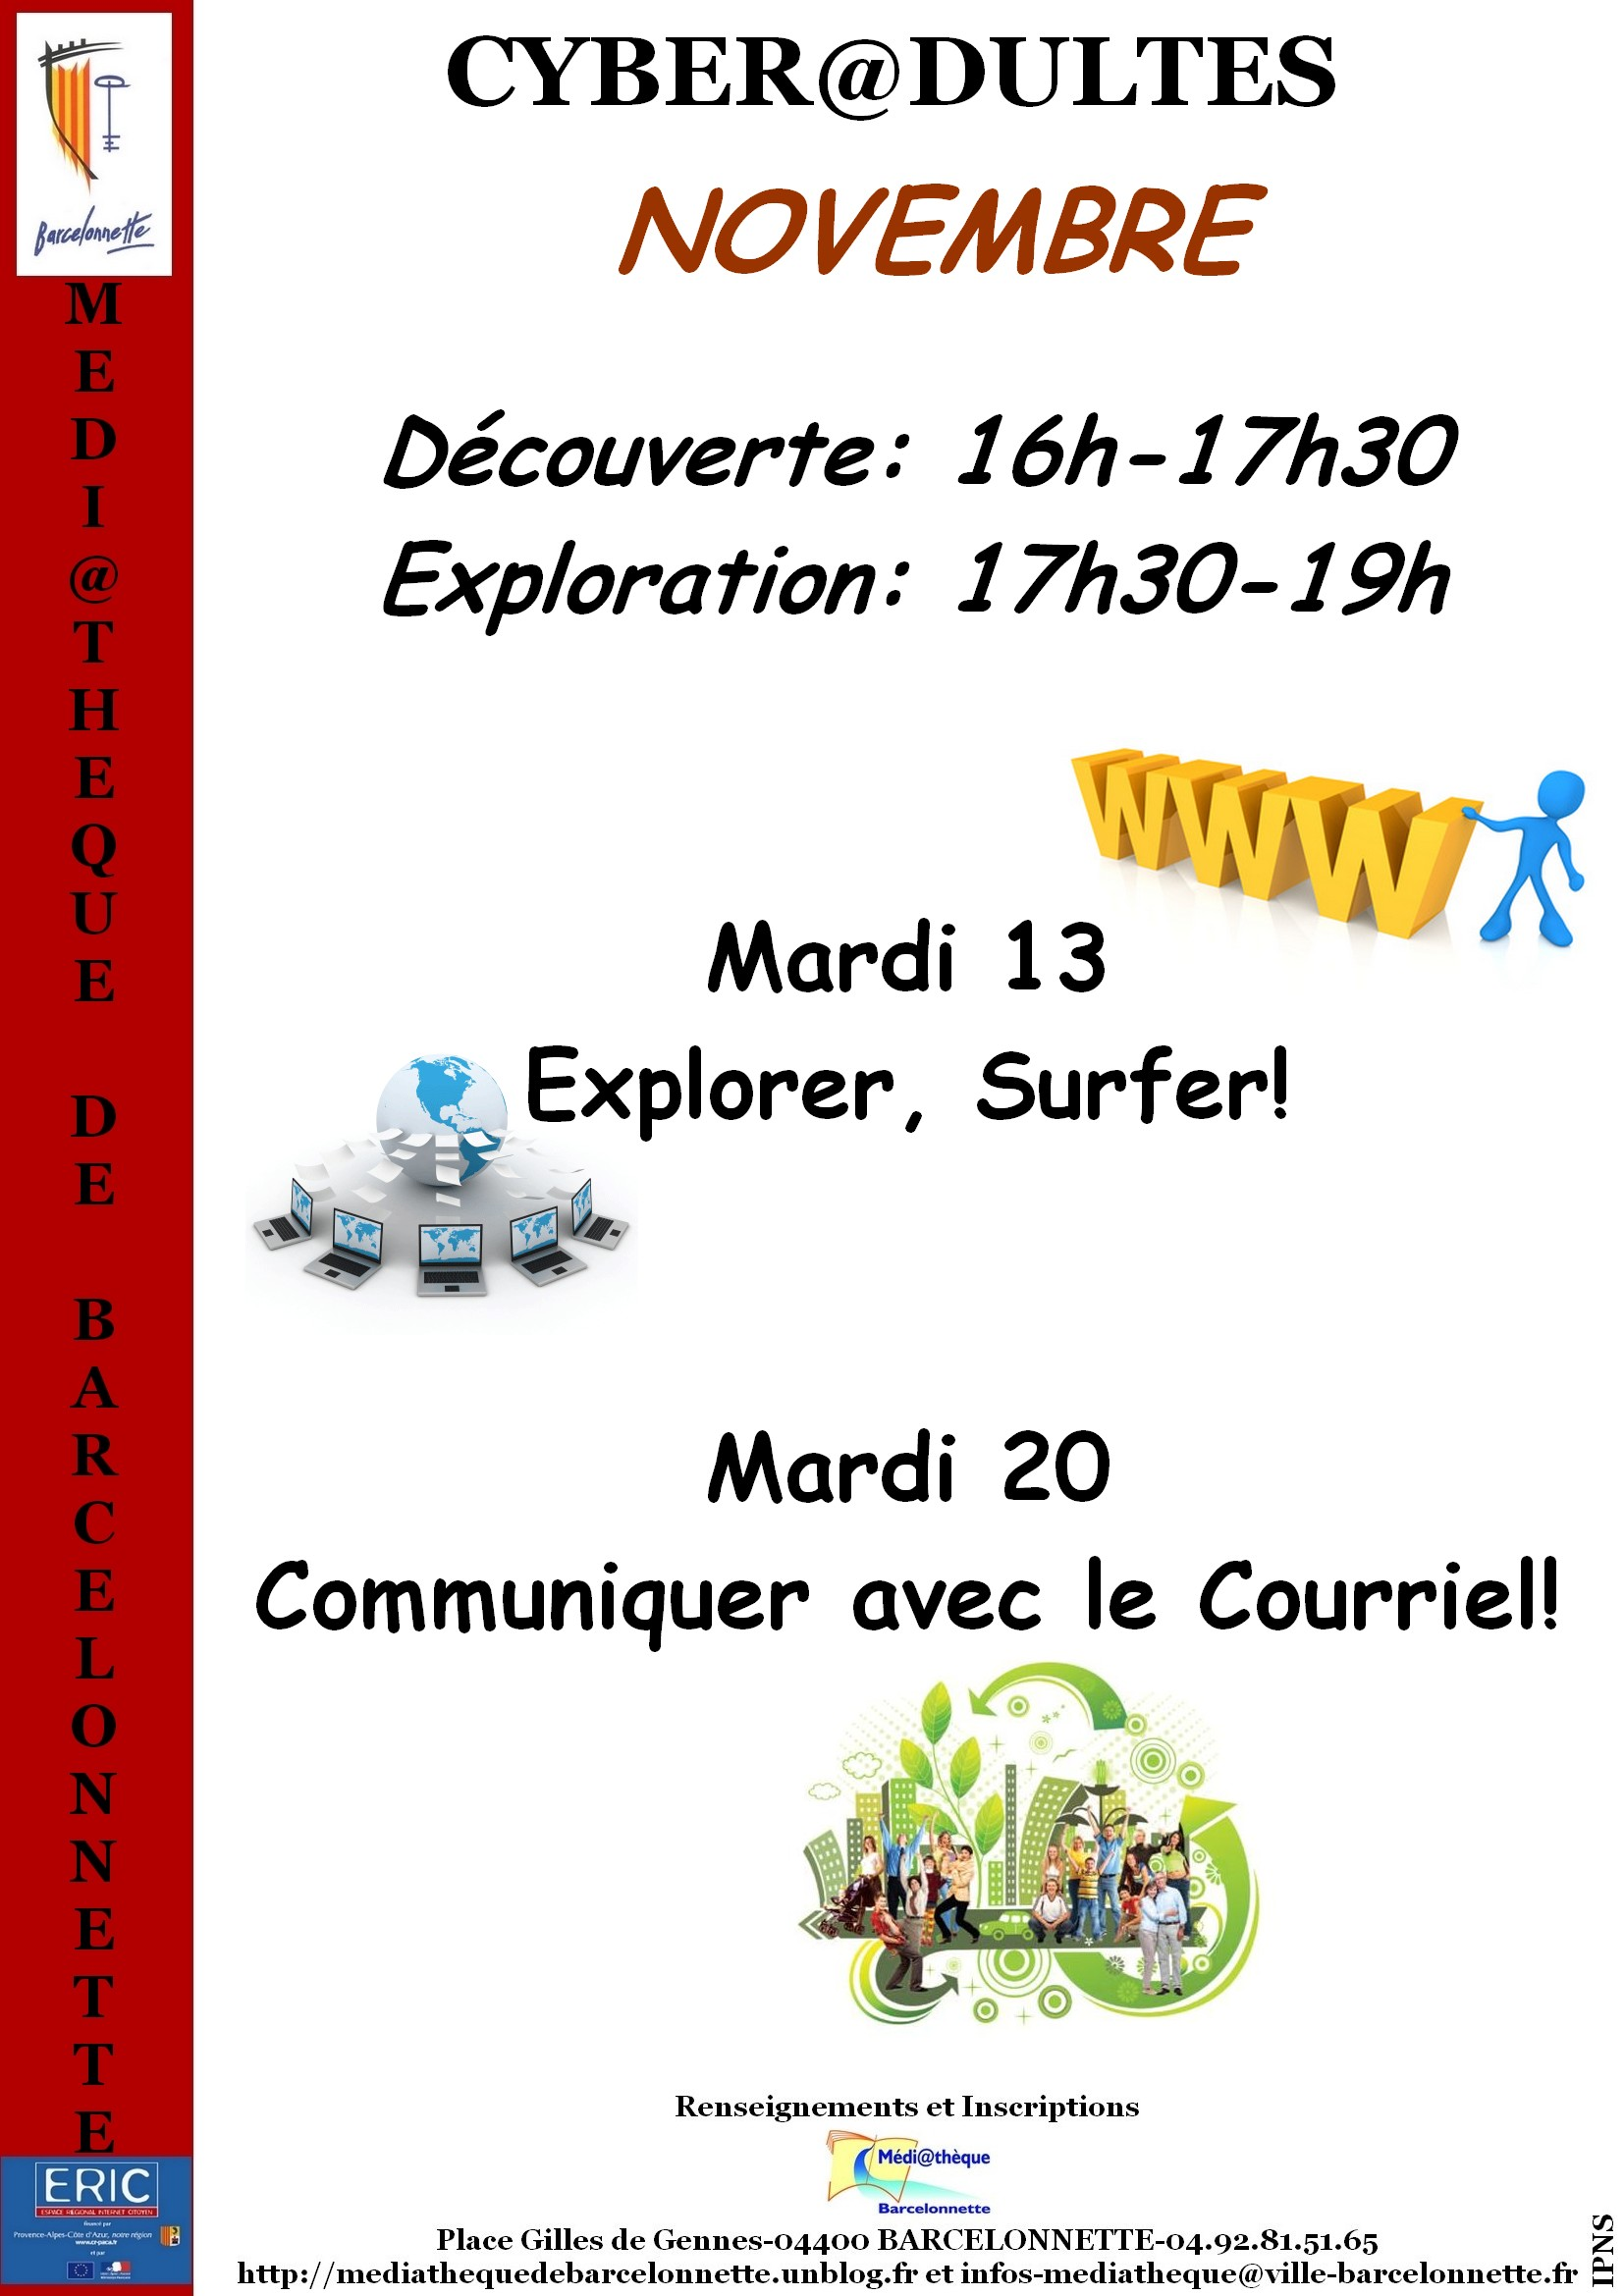 Novembre : Découverte et Exploration de la toile! dans Archives affiche-adulte1112